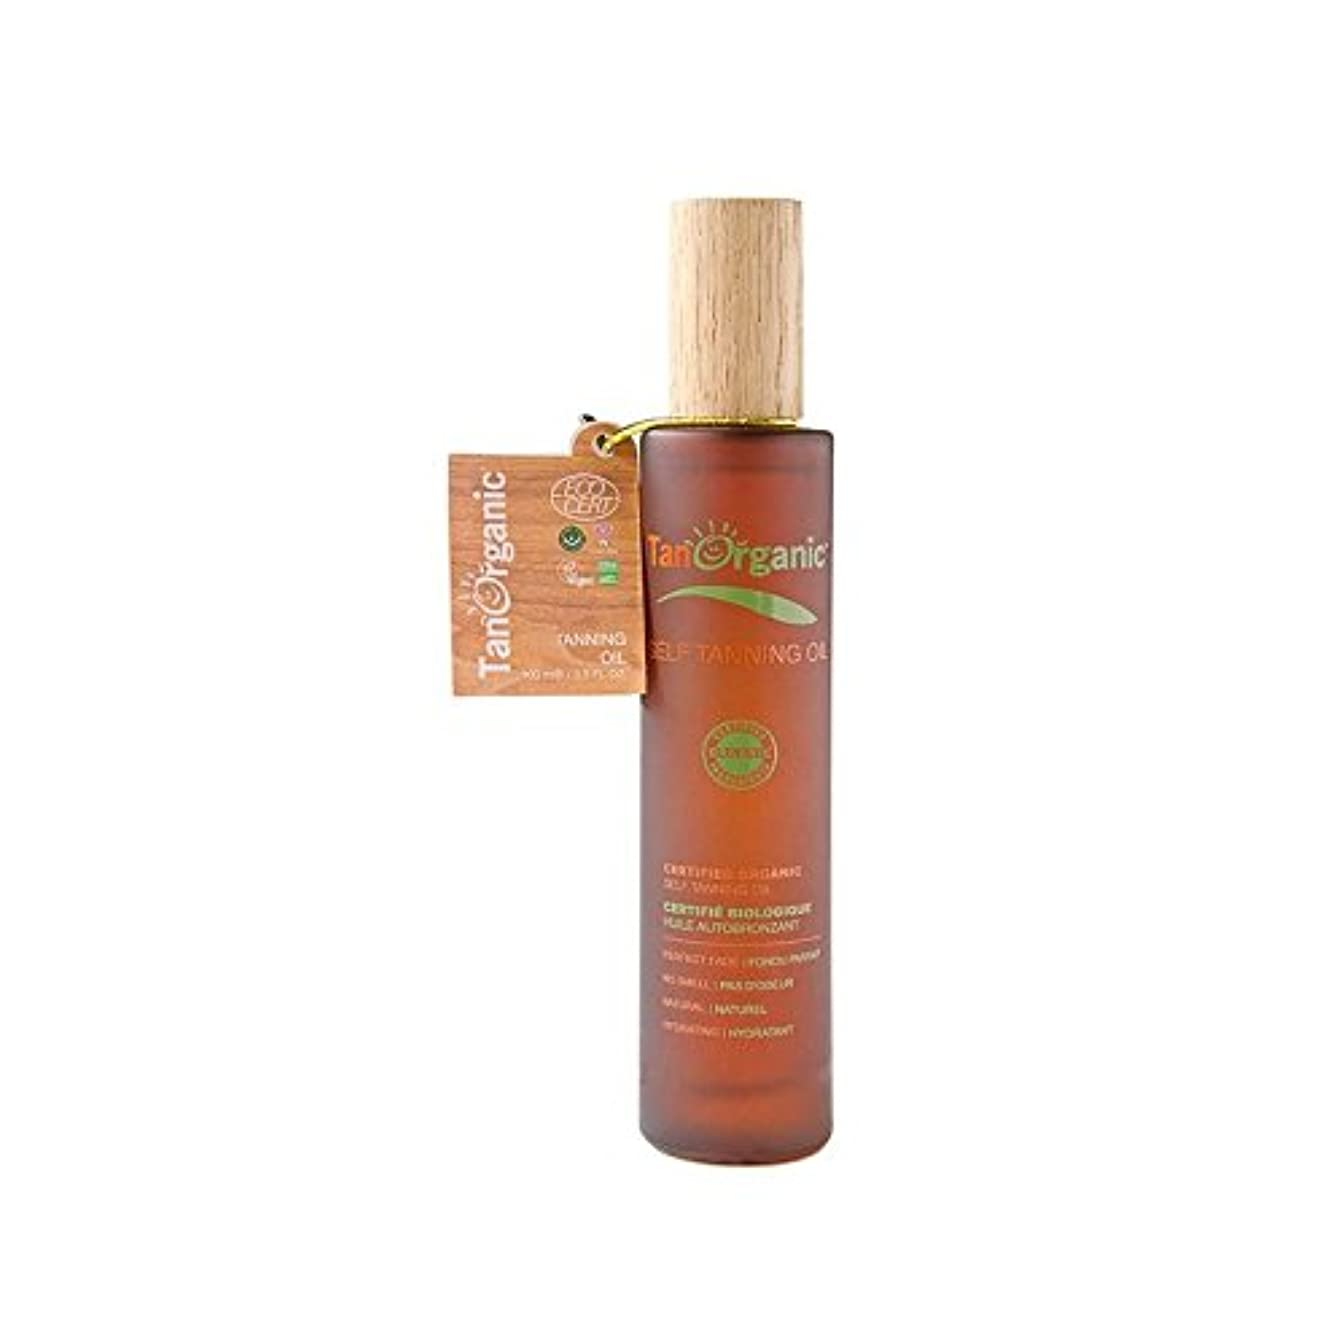 海軍削る少年Tanorganic自己日焼け顔&ボディオイル (Tan Organic) - TanOrganic Self-Tan Face & Body Oil [並行輸入品]